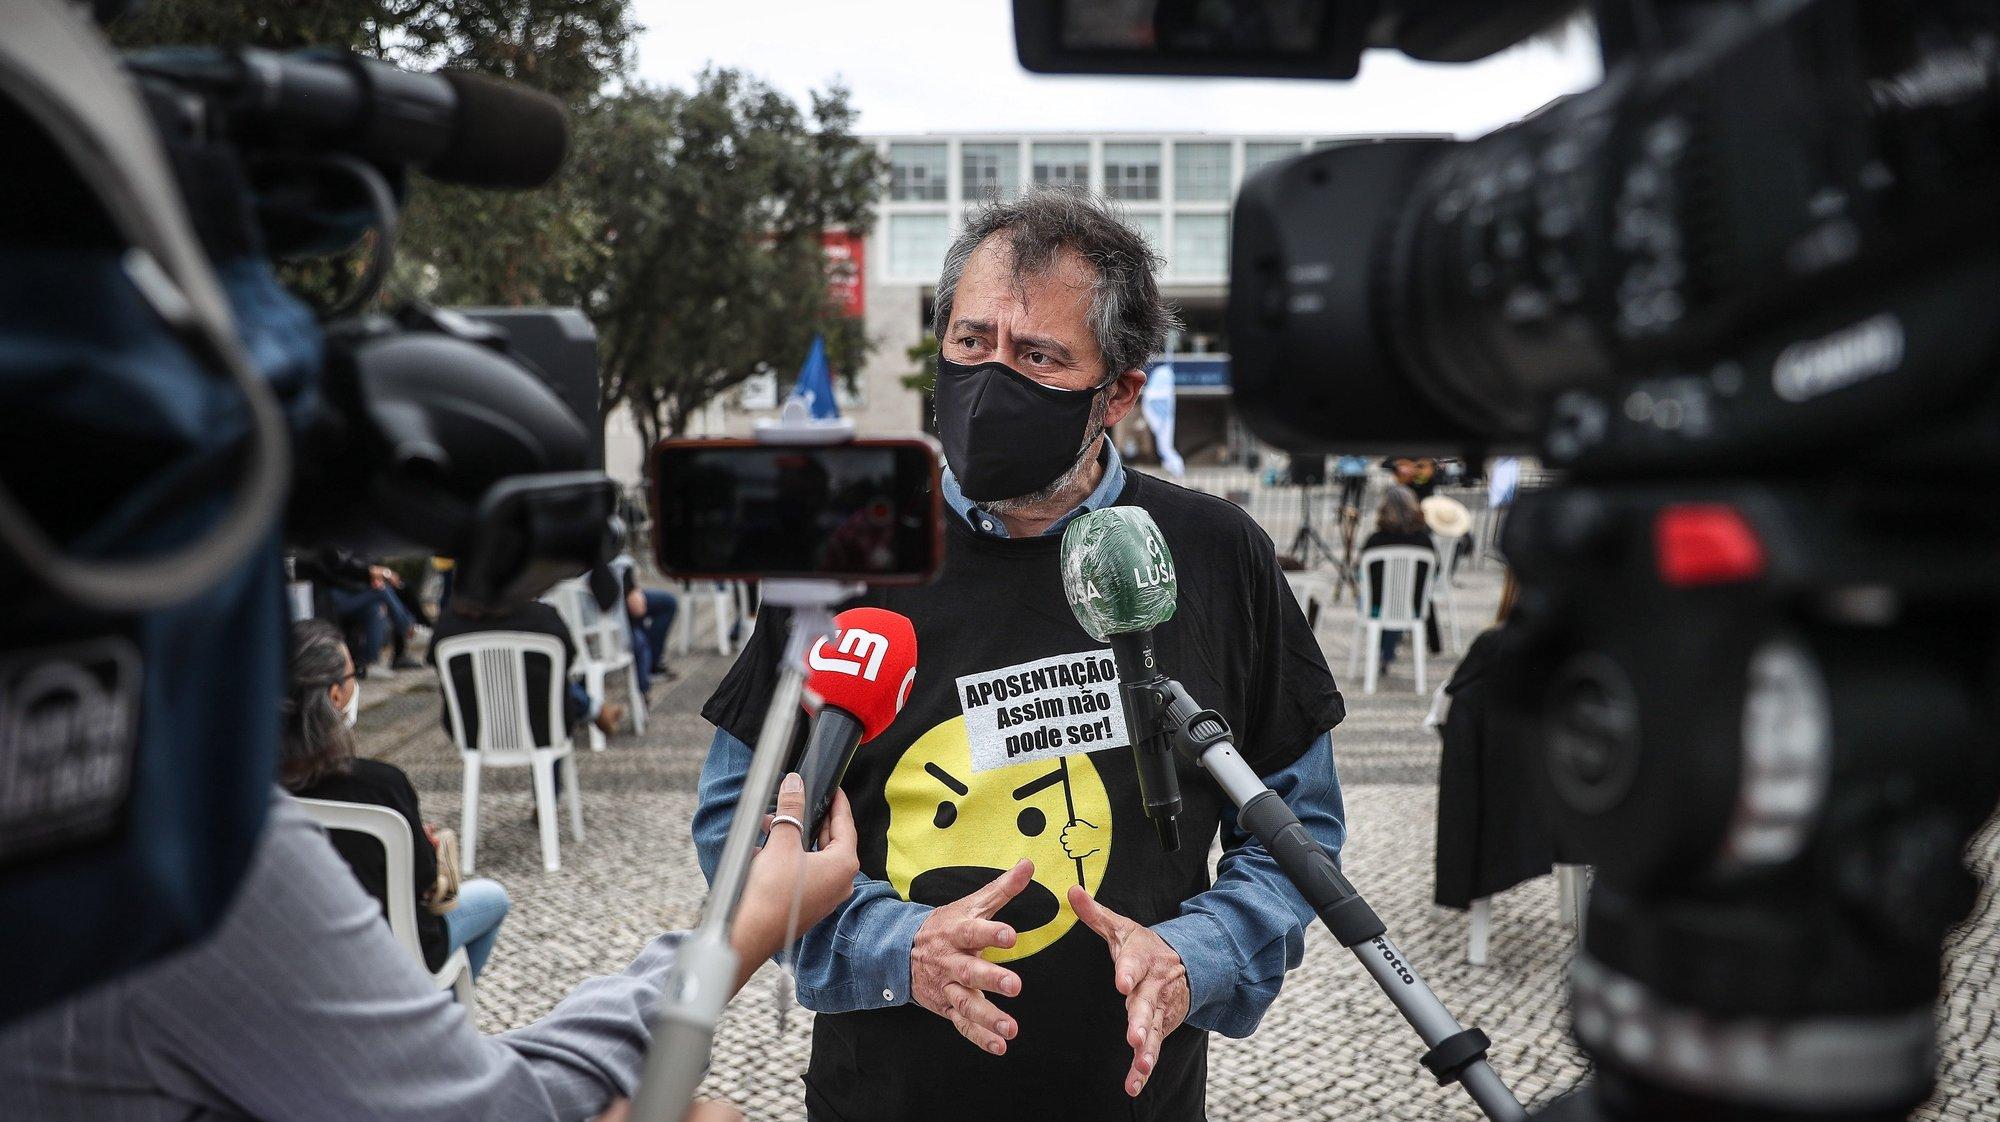 O secretário-geral da Federação Nacional Dos Professores (Fenprof), Mário Nogueira, fala aos jornalistas durante a manifestação com o objetivo de alertar para o envelhecimento dos profissionais docentes, junto ao Centro Cultural de Belém onde decorre a reunião do Conselho de Ministros, em Lisboa, 13 de maio de 2021. MÁRIO CRUZ/LUSA